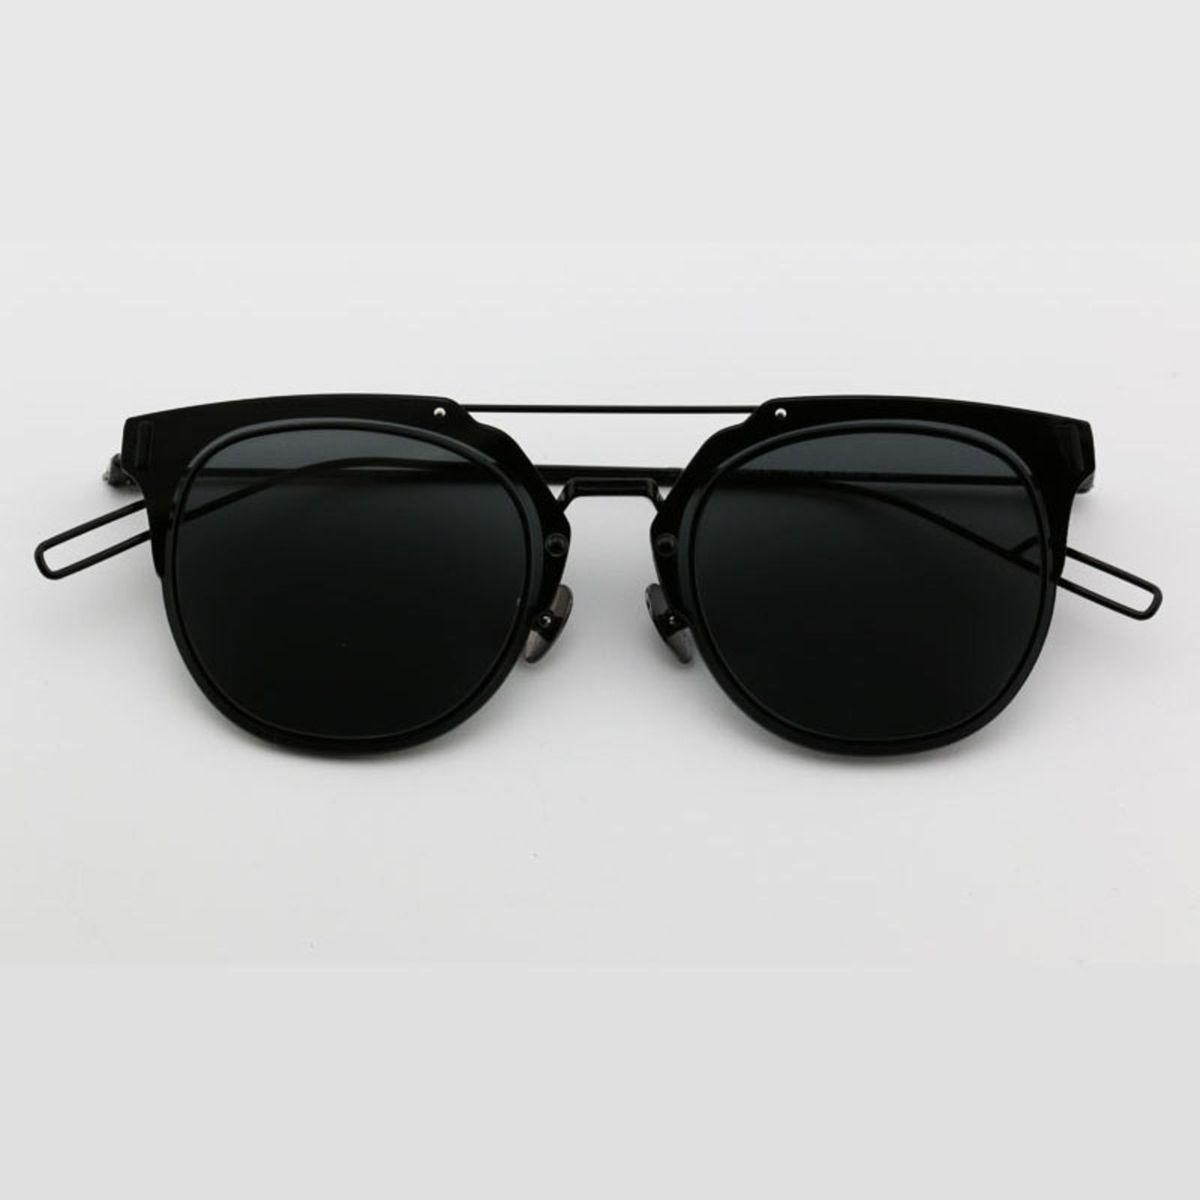 90d4f7aa090 Dior Composit 1.0 Black